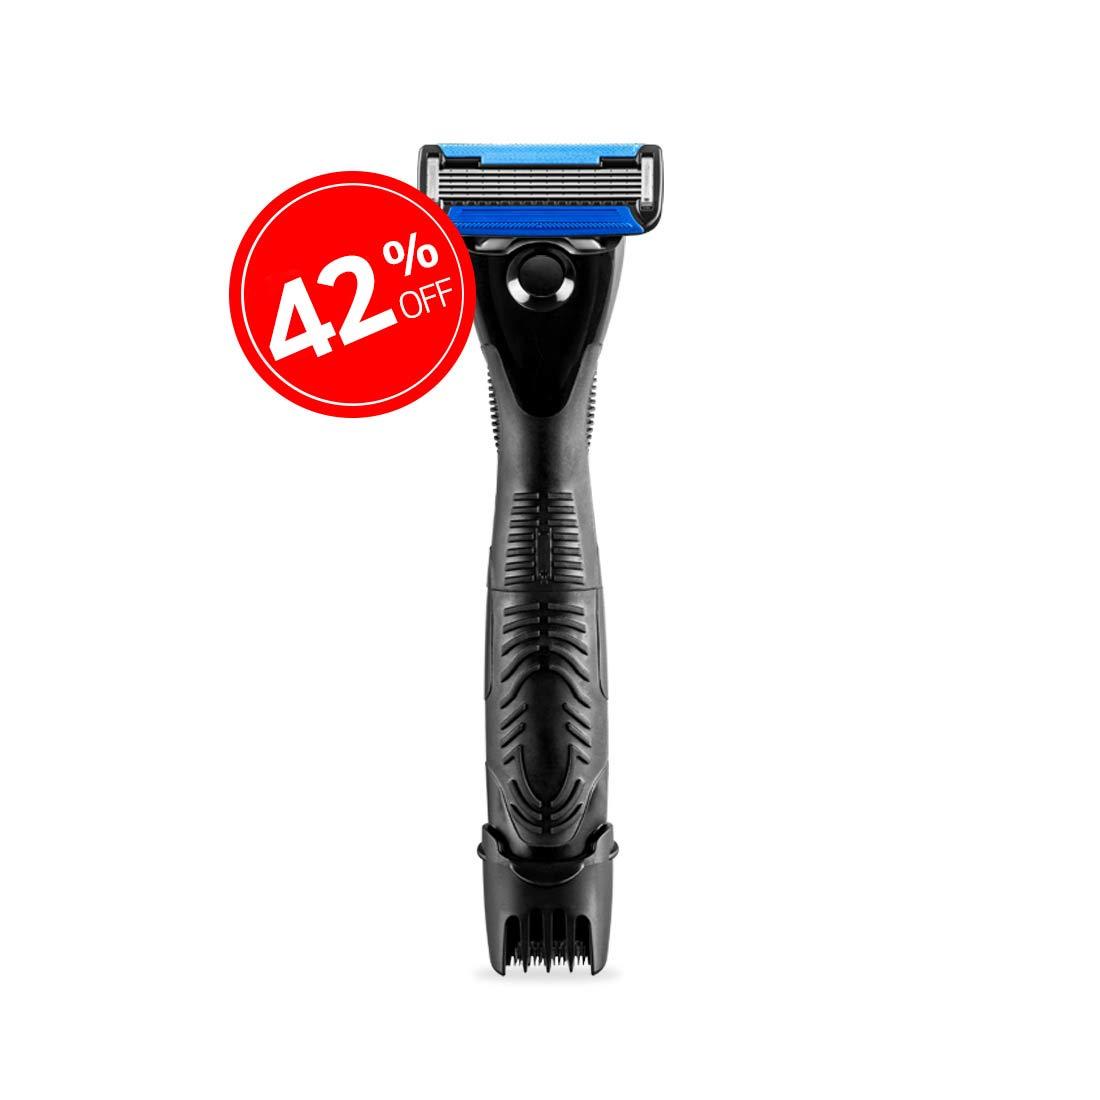 Ustraa Gear 2-in-1 Beard Styler - 5 Blade Razor & Trimmer